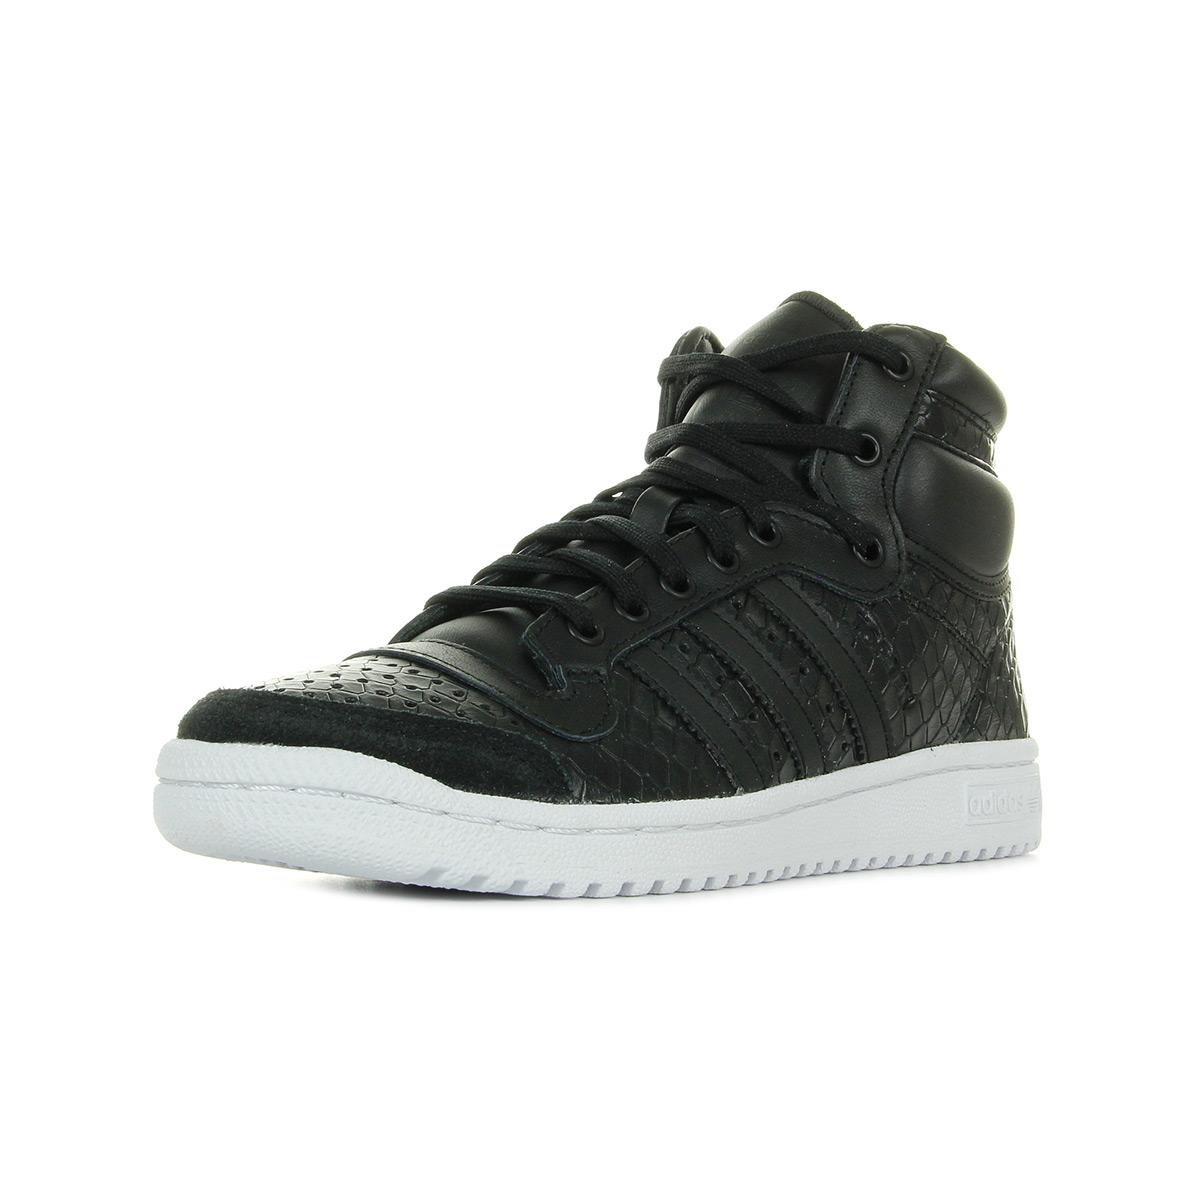 site réputé c033d e60d2 Details about Chaussures Baskets adidas femme Top Ten Hi W taille Noir  Noire Cuir Lacets